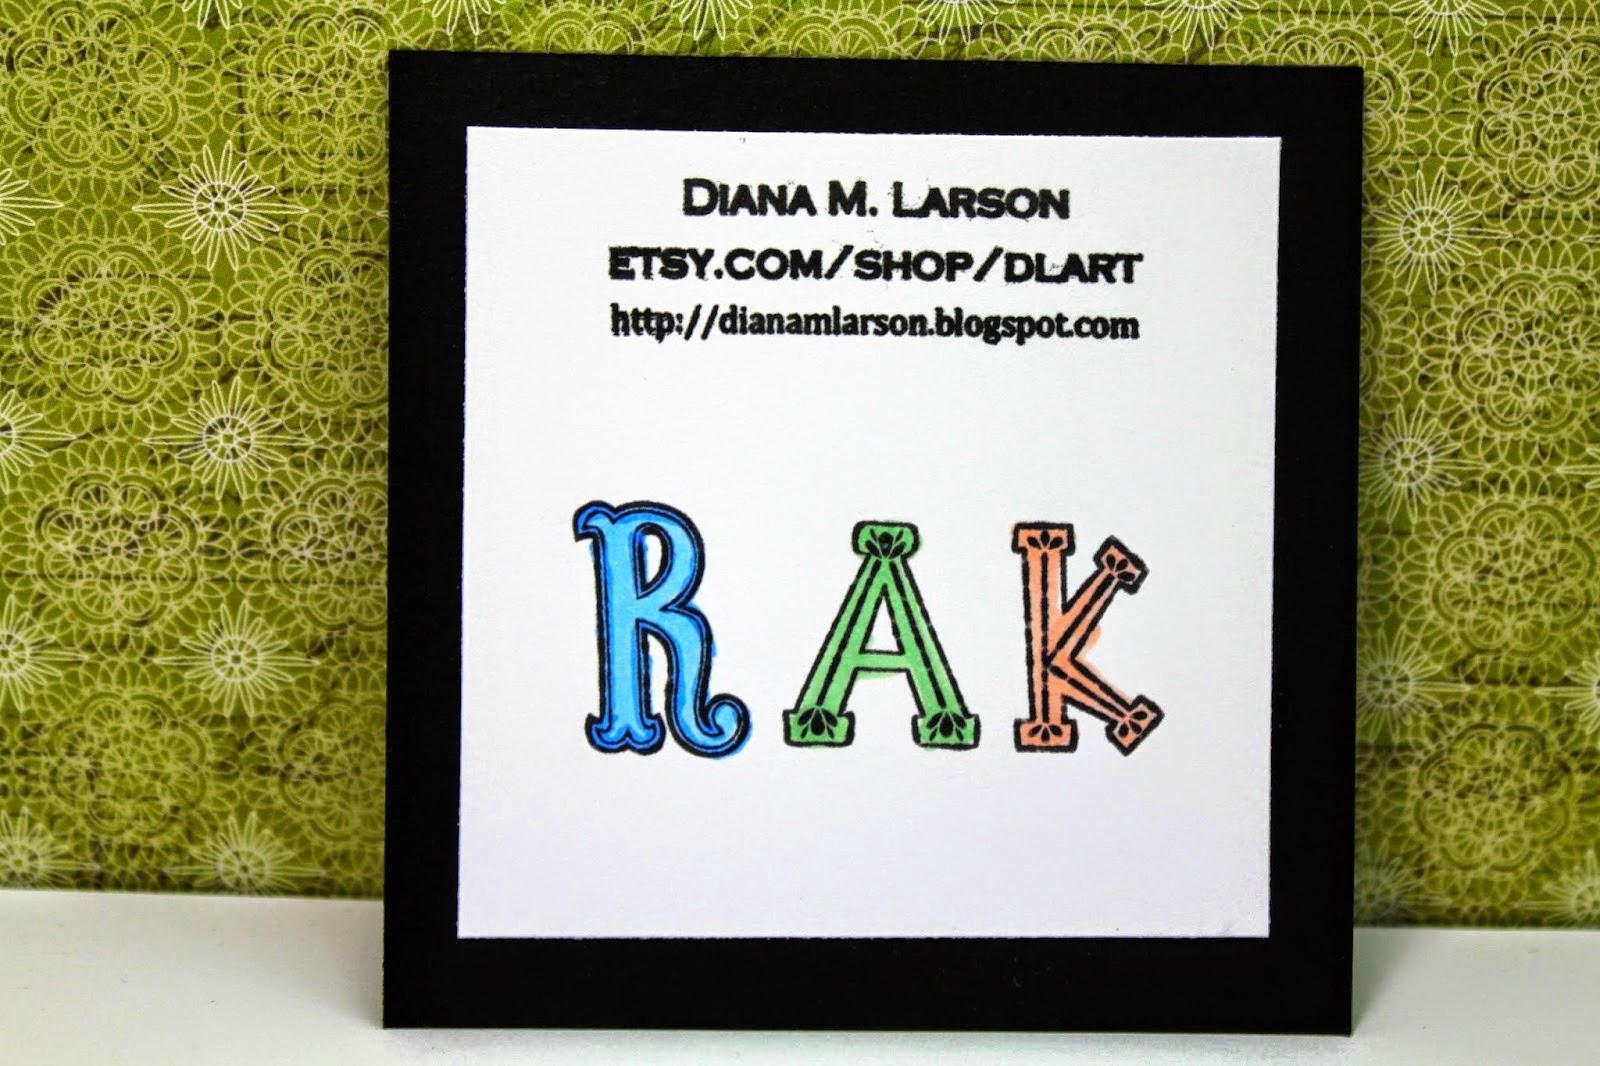 http://dianamlarson.blogspot.com/